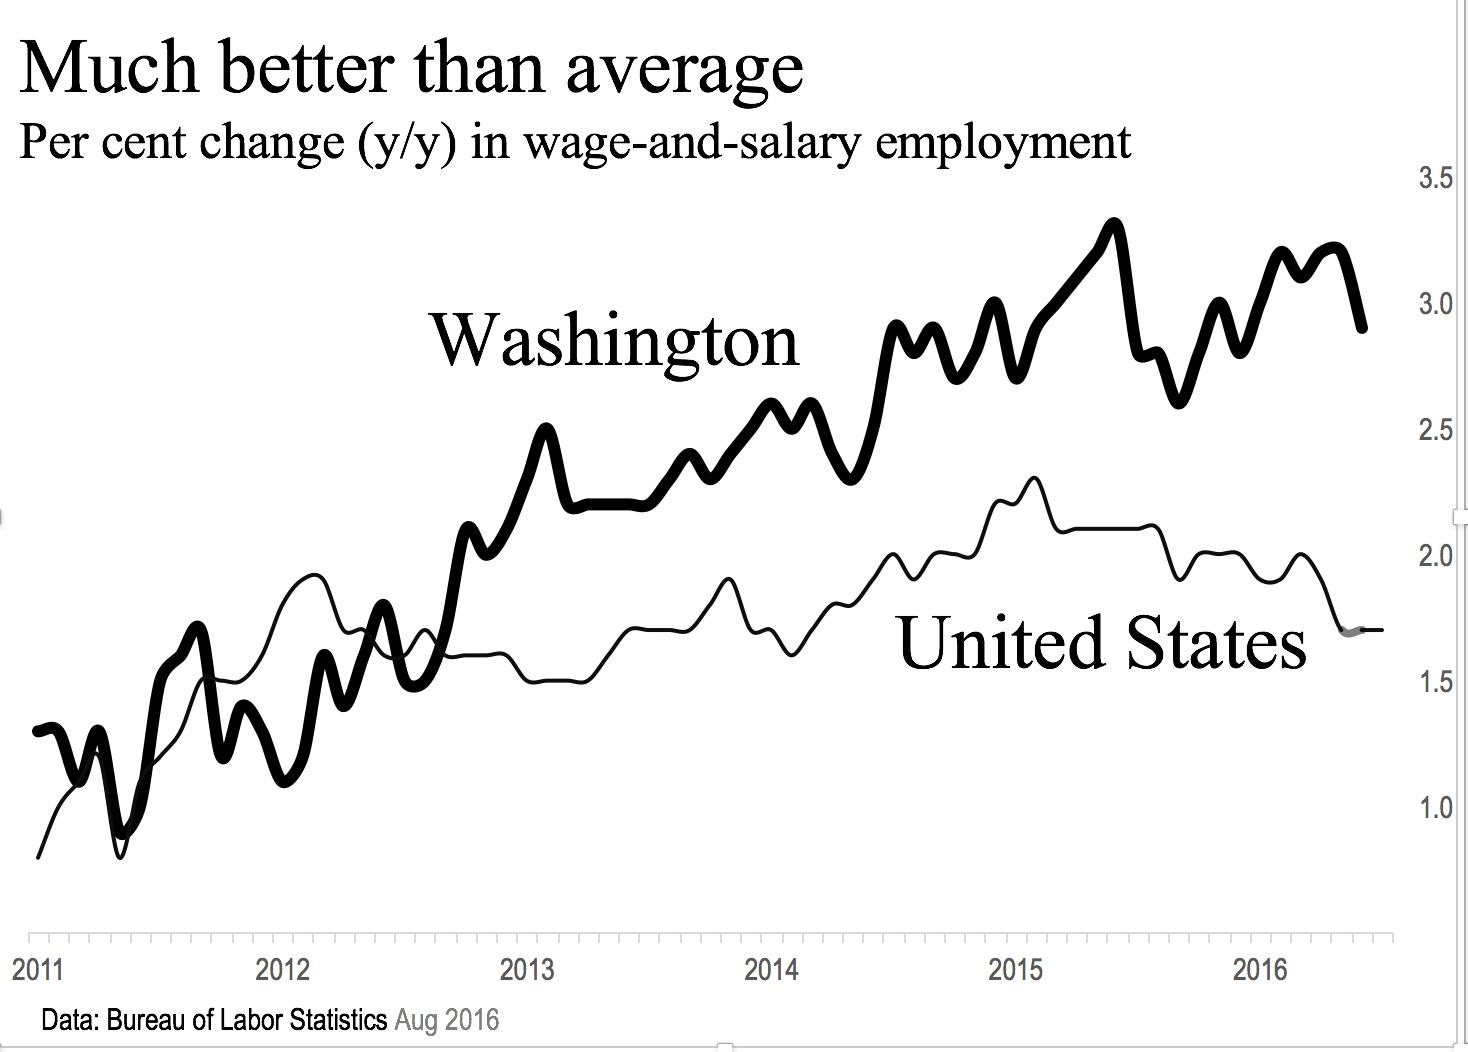 WA employment above average